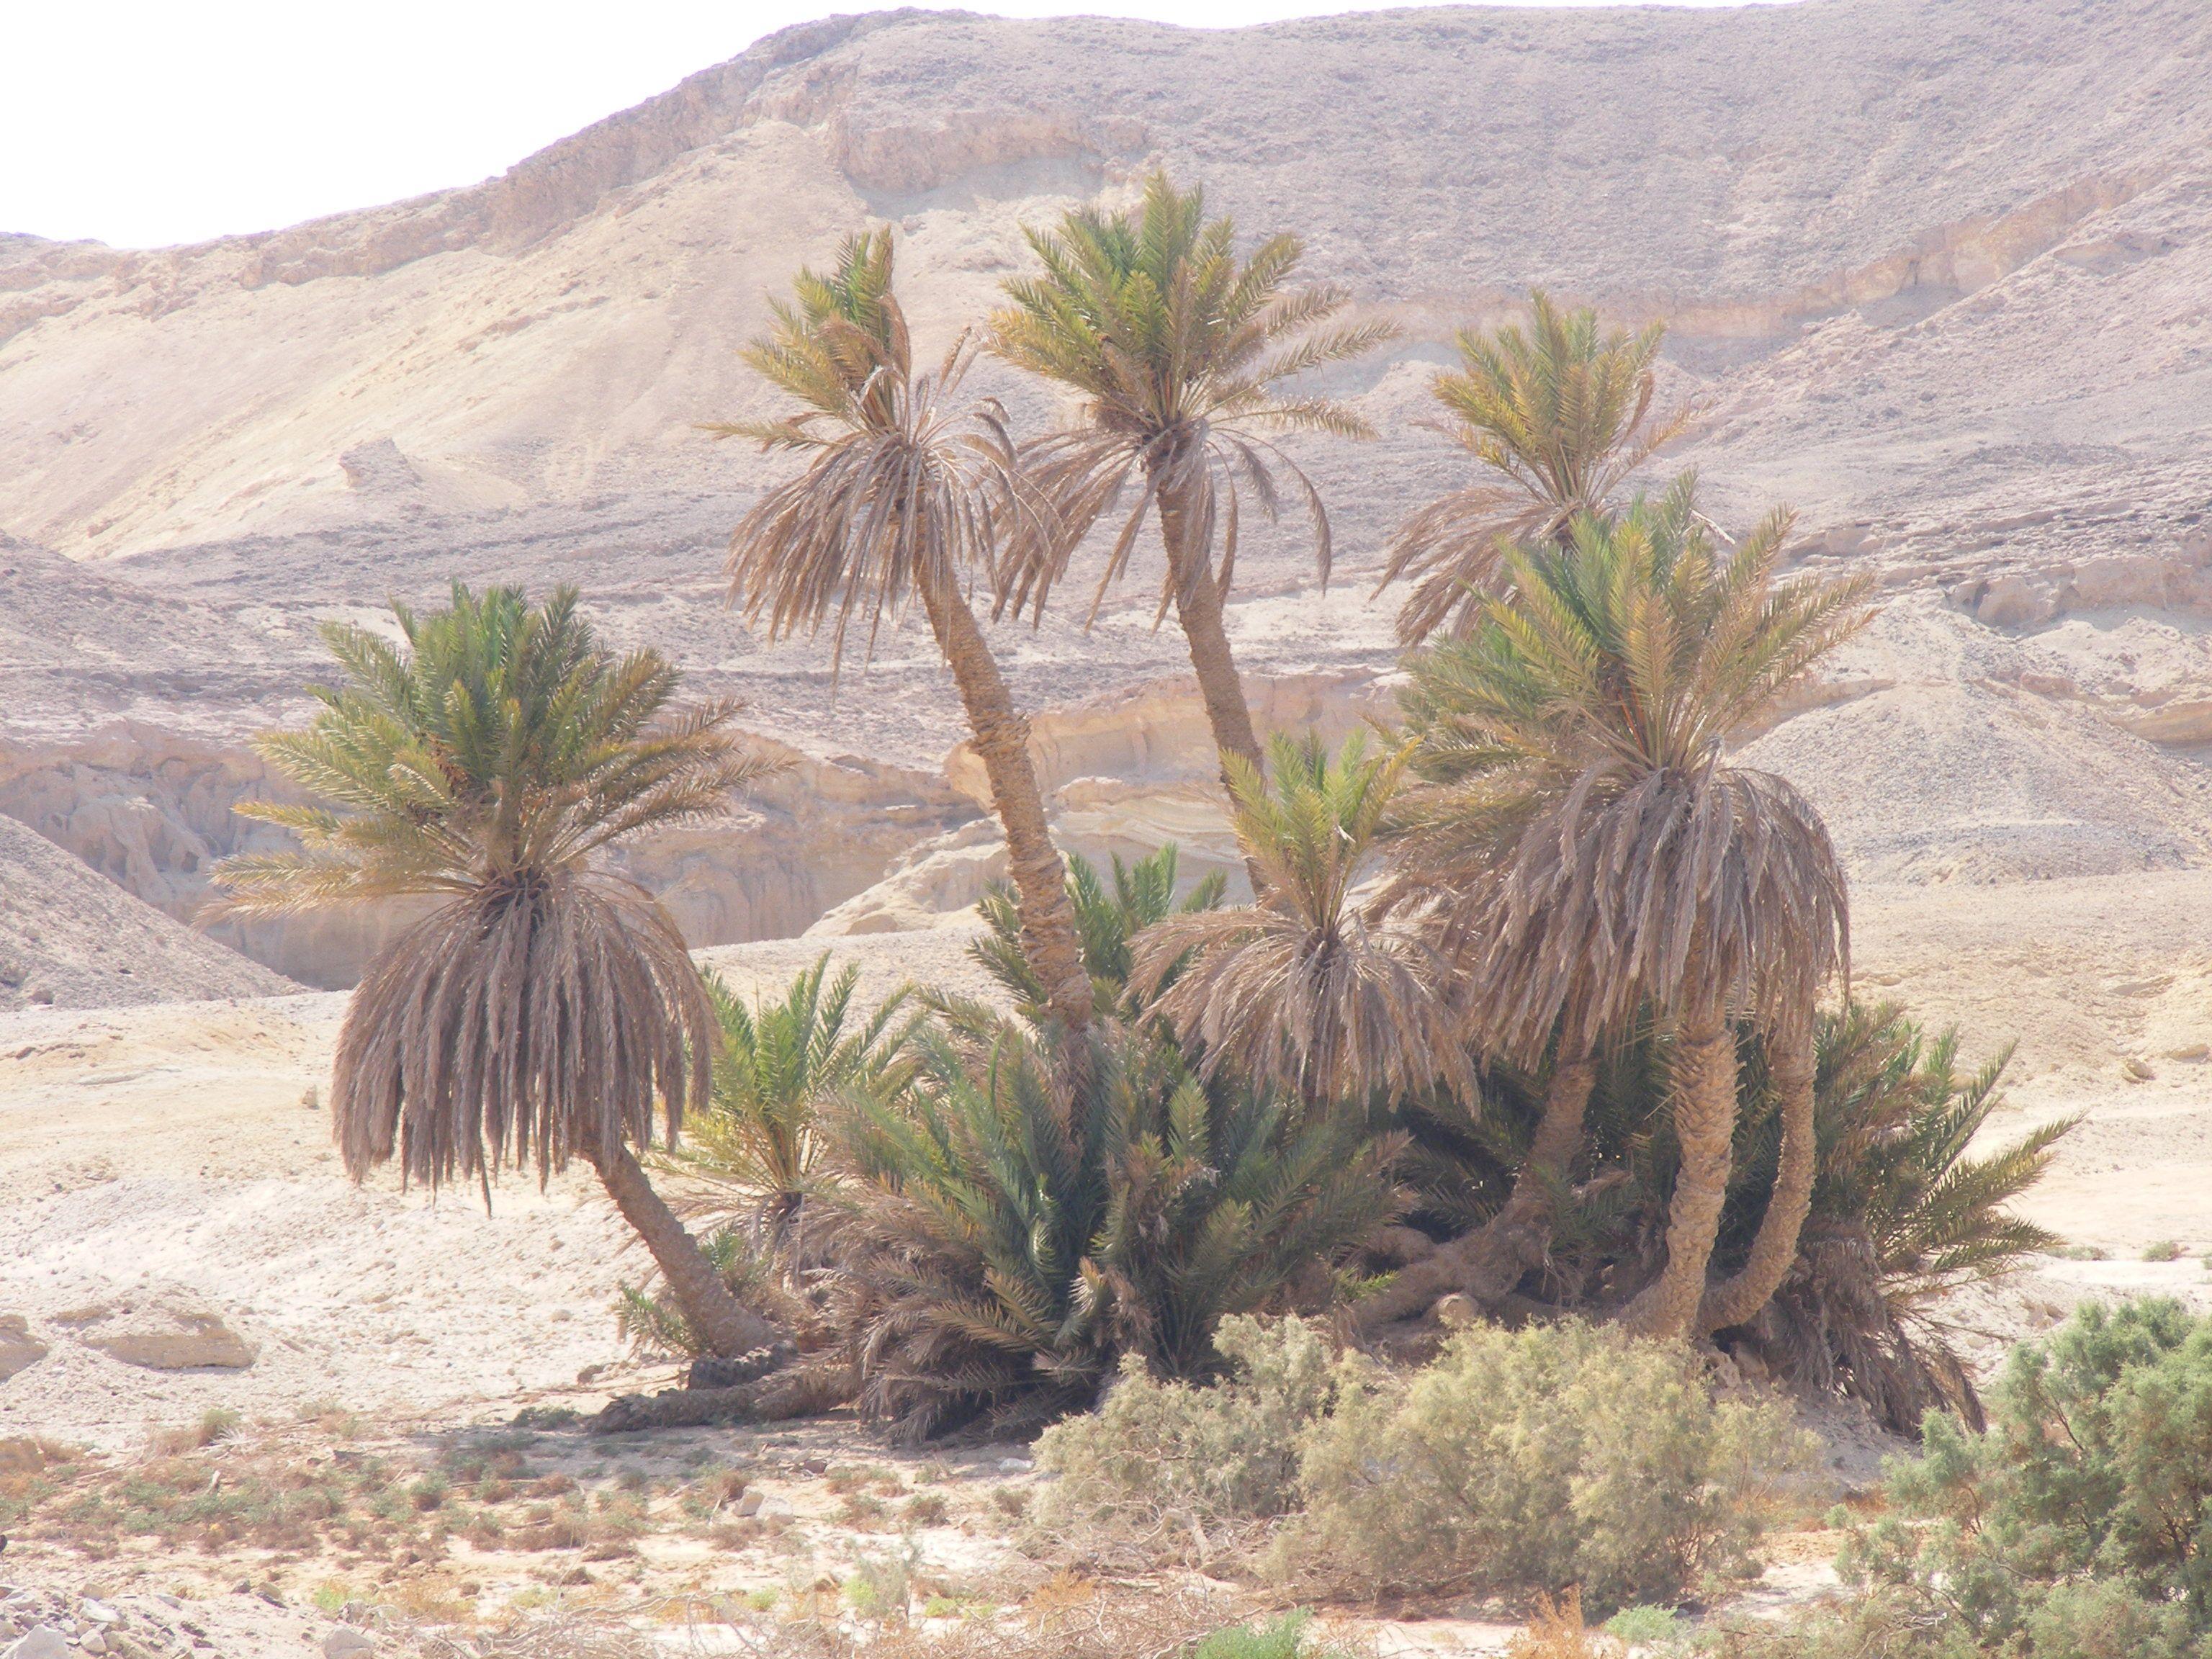 وطور سينين وهذا البلد الأمين طور سيناء وجبل موسى تصويرى Cactus Plants Plants Cactus